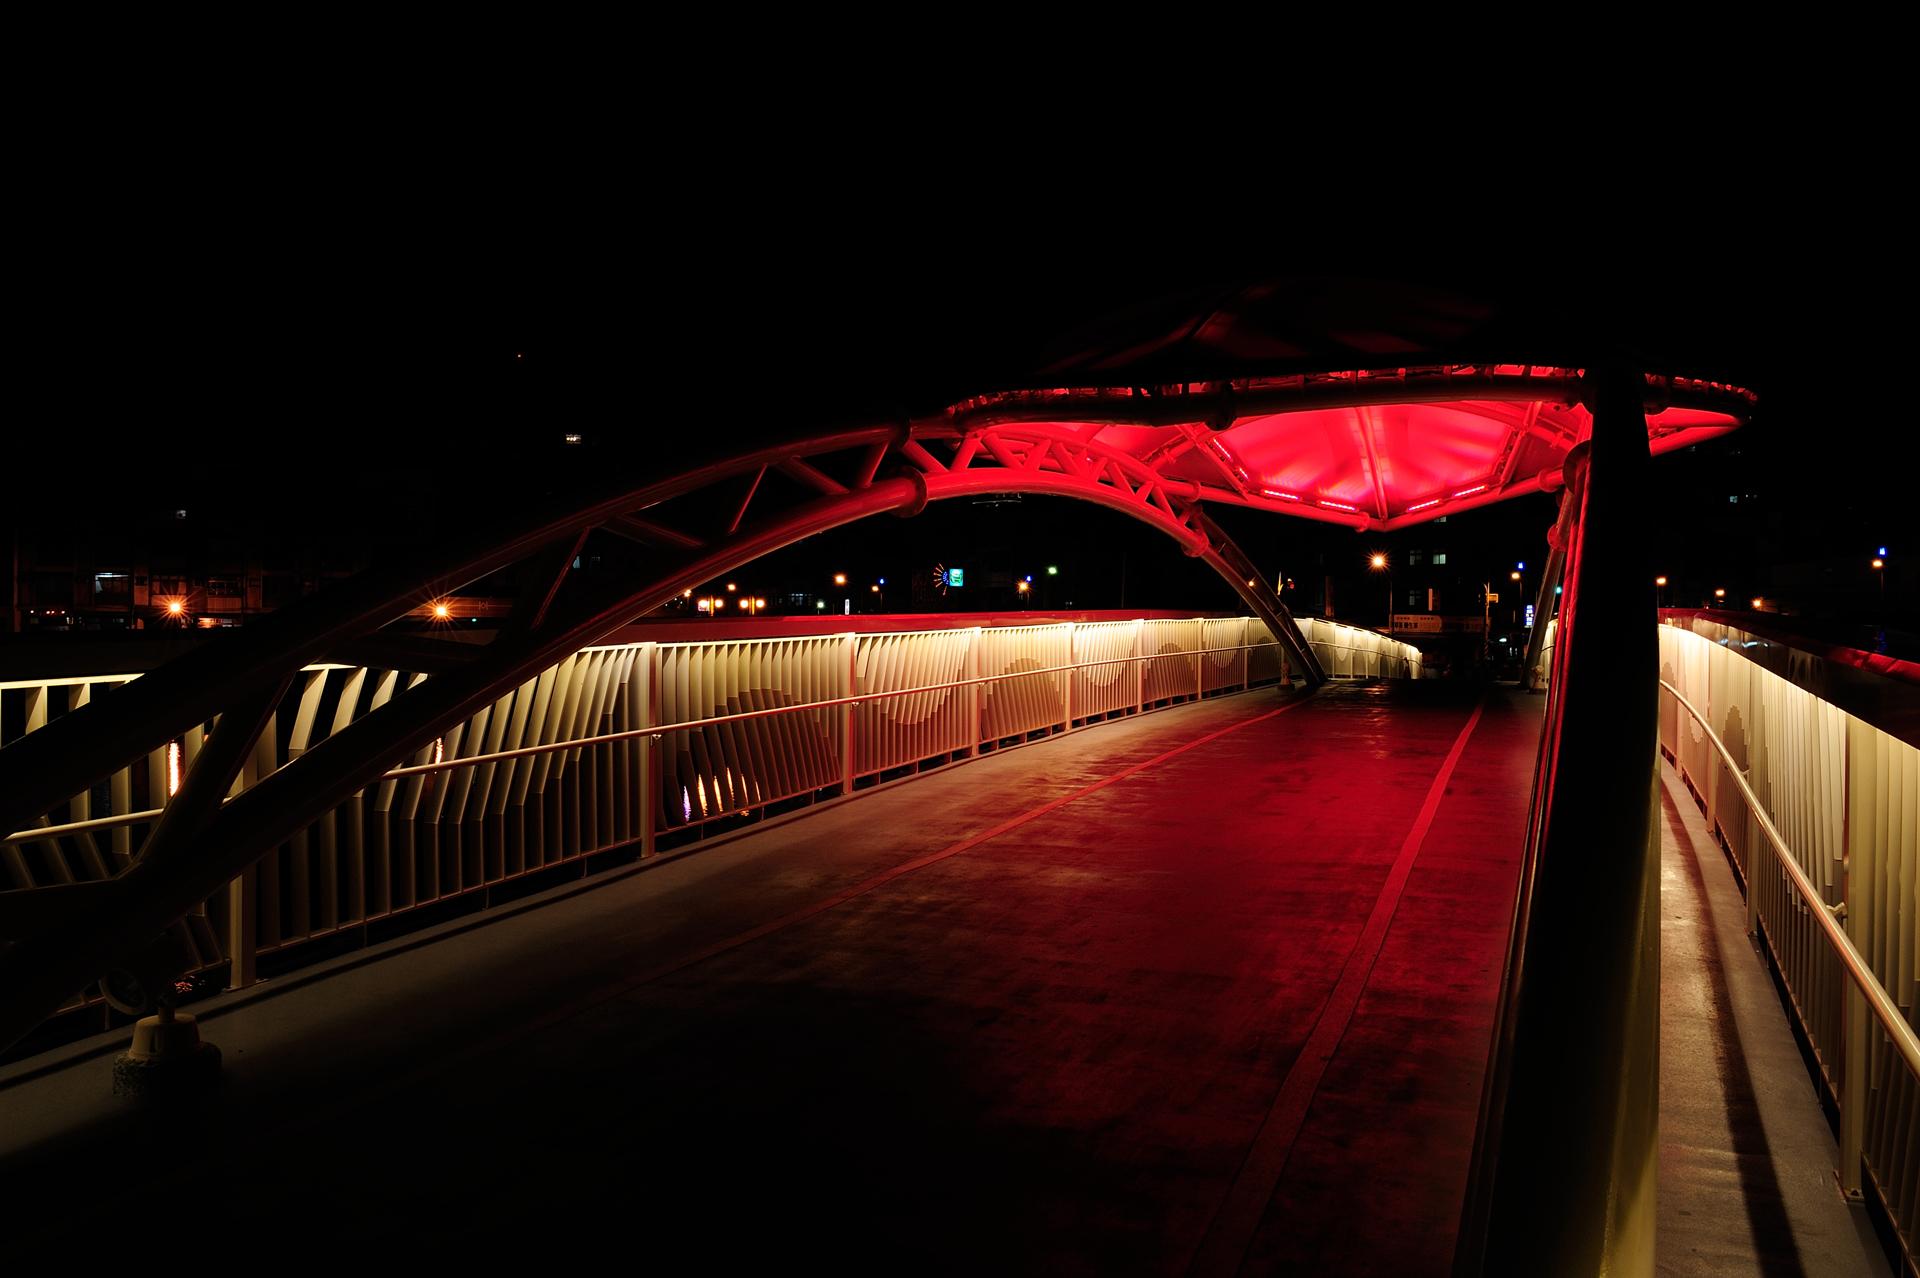 風景區內新建的金獅橋,是區內唯一一座限行人及自行車通行的橋樑,由於造型優美,橋中央還設有獨特的水瀑設施,使其成為風景區中的一大亮點,我司在得知橋樑的照明需求後,對於橋樑照明設計有豐富經驗的我們,協助得標的施工廠商調整裝在橋體上白色薄膜材質的多彩投光線燈,使其在夜晚中成為眾所矚目的焦點。紅色橋墩架以暖白色的線燈將其簍空的造型洗亮,張顯出其特色。欄杆部分同樣也以暖白光線燈洗亮,增加民眾行走的安全性,最後橋中央水瀑設施以多彩的燈色搭配水柱,營造出炫彩的水瀑,讓金獅橋在夜間展現出燦爛耀眼的光彩。